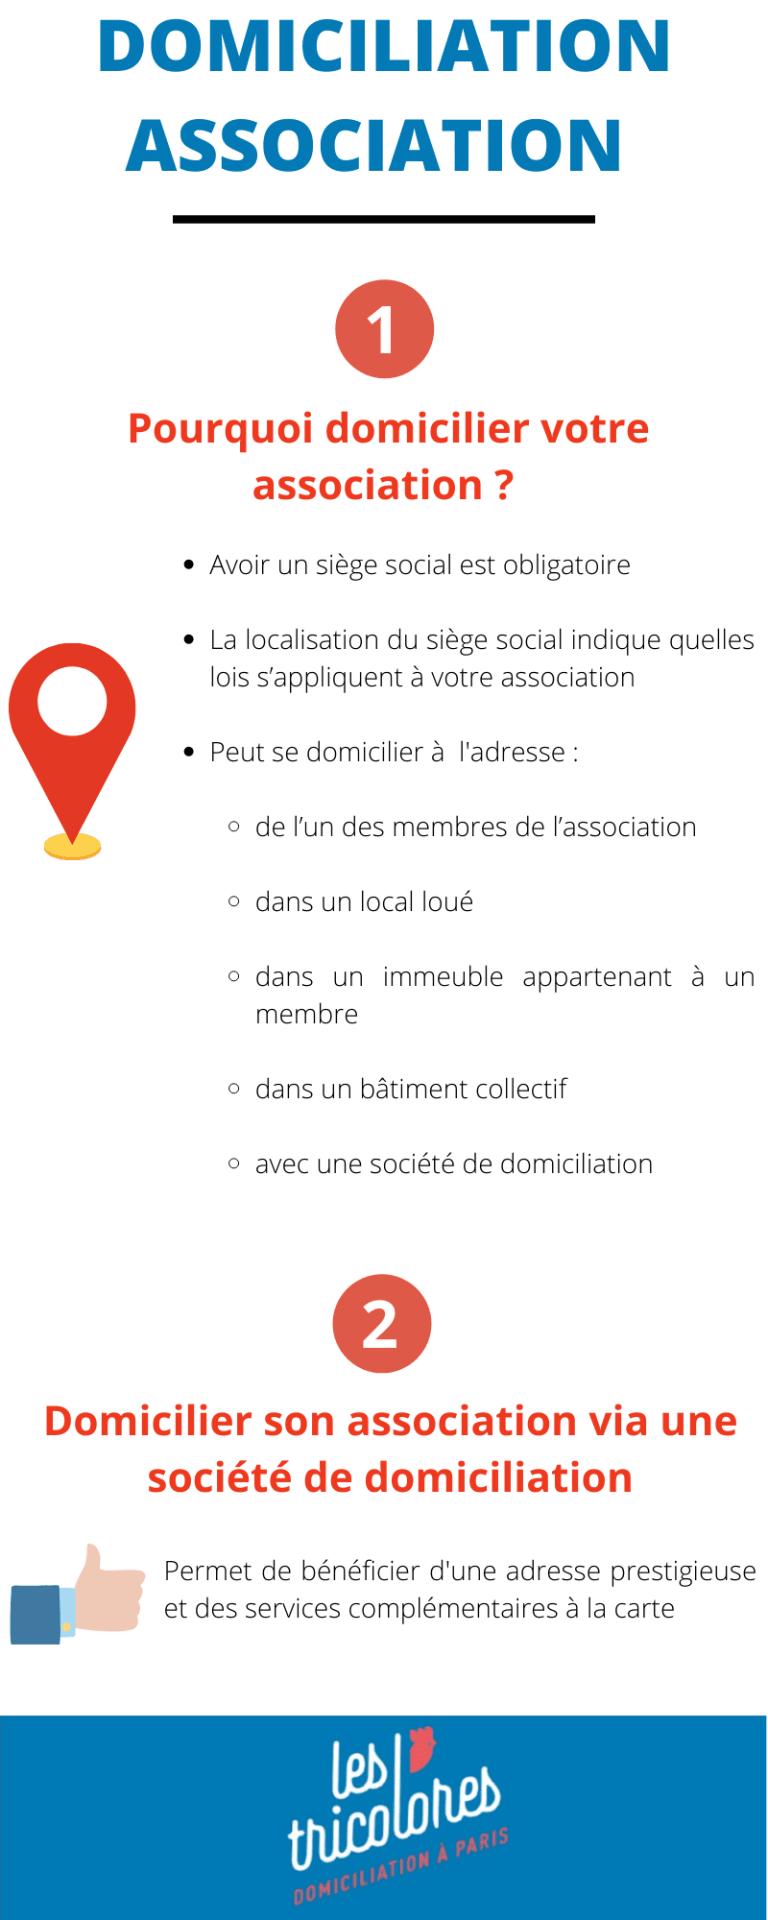 Domiciliation Association : Notre guide pratique 2021